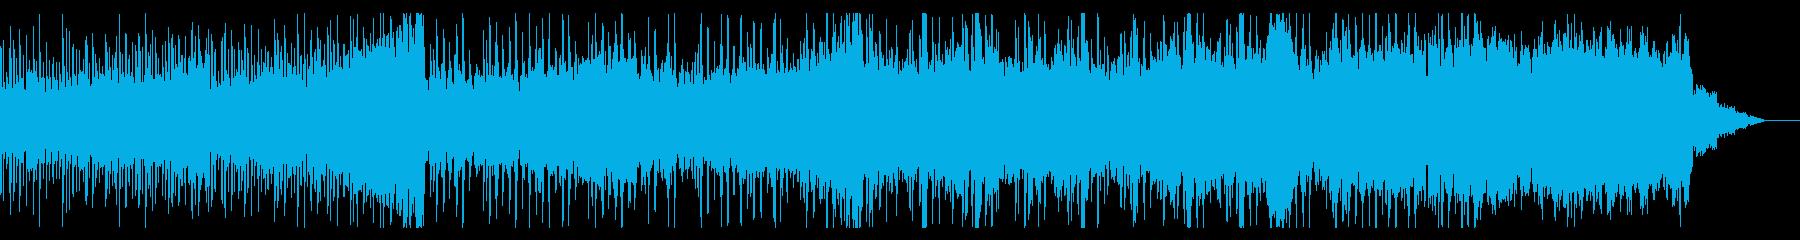 エレクトリックで幻想的なIDMの再生済みの波形